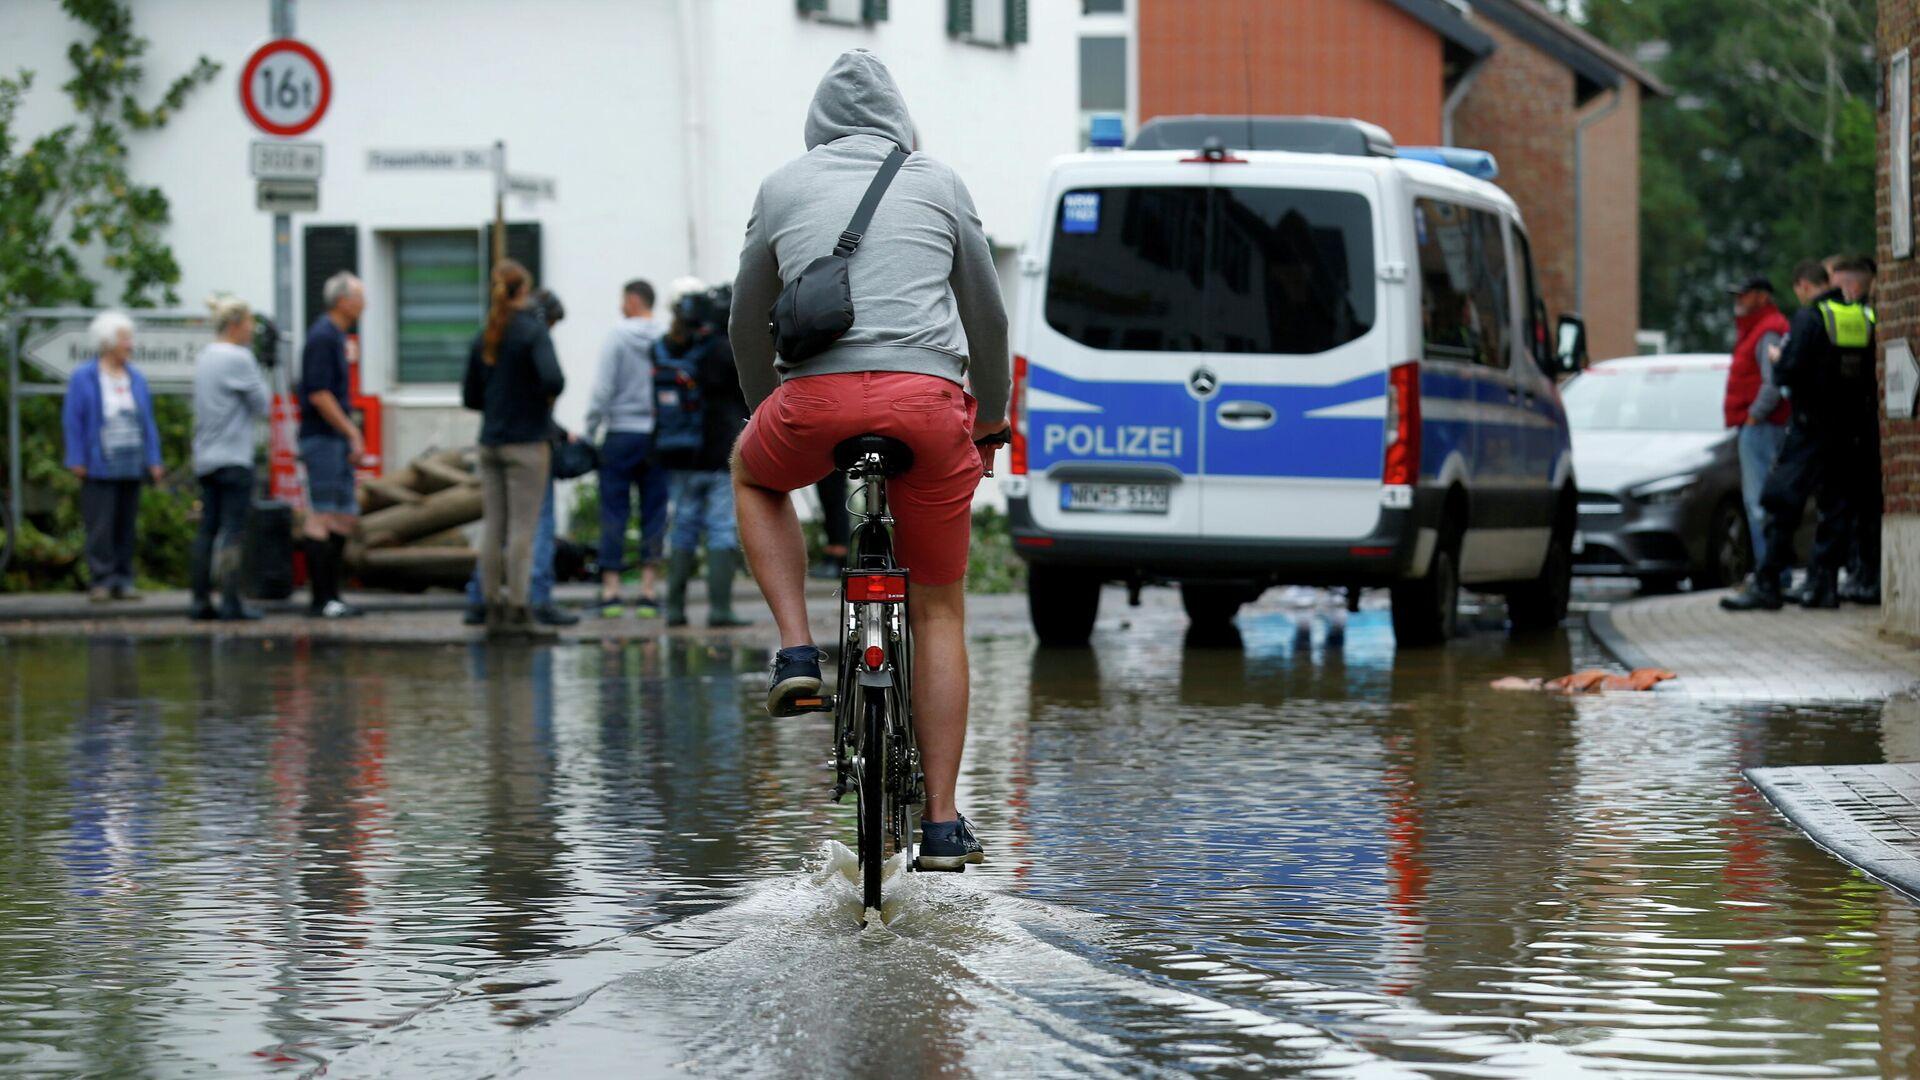 Un ciclista conduce por una calle inundada debido a las fuertes lluvias en Erftstadt-Blessem, Alemania, 16 de julio de 2021 / Foto de archivo - Sputnik Mundo, 1920, 17.07.2021